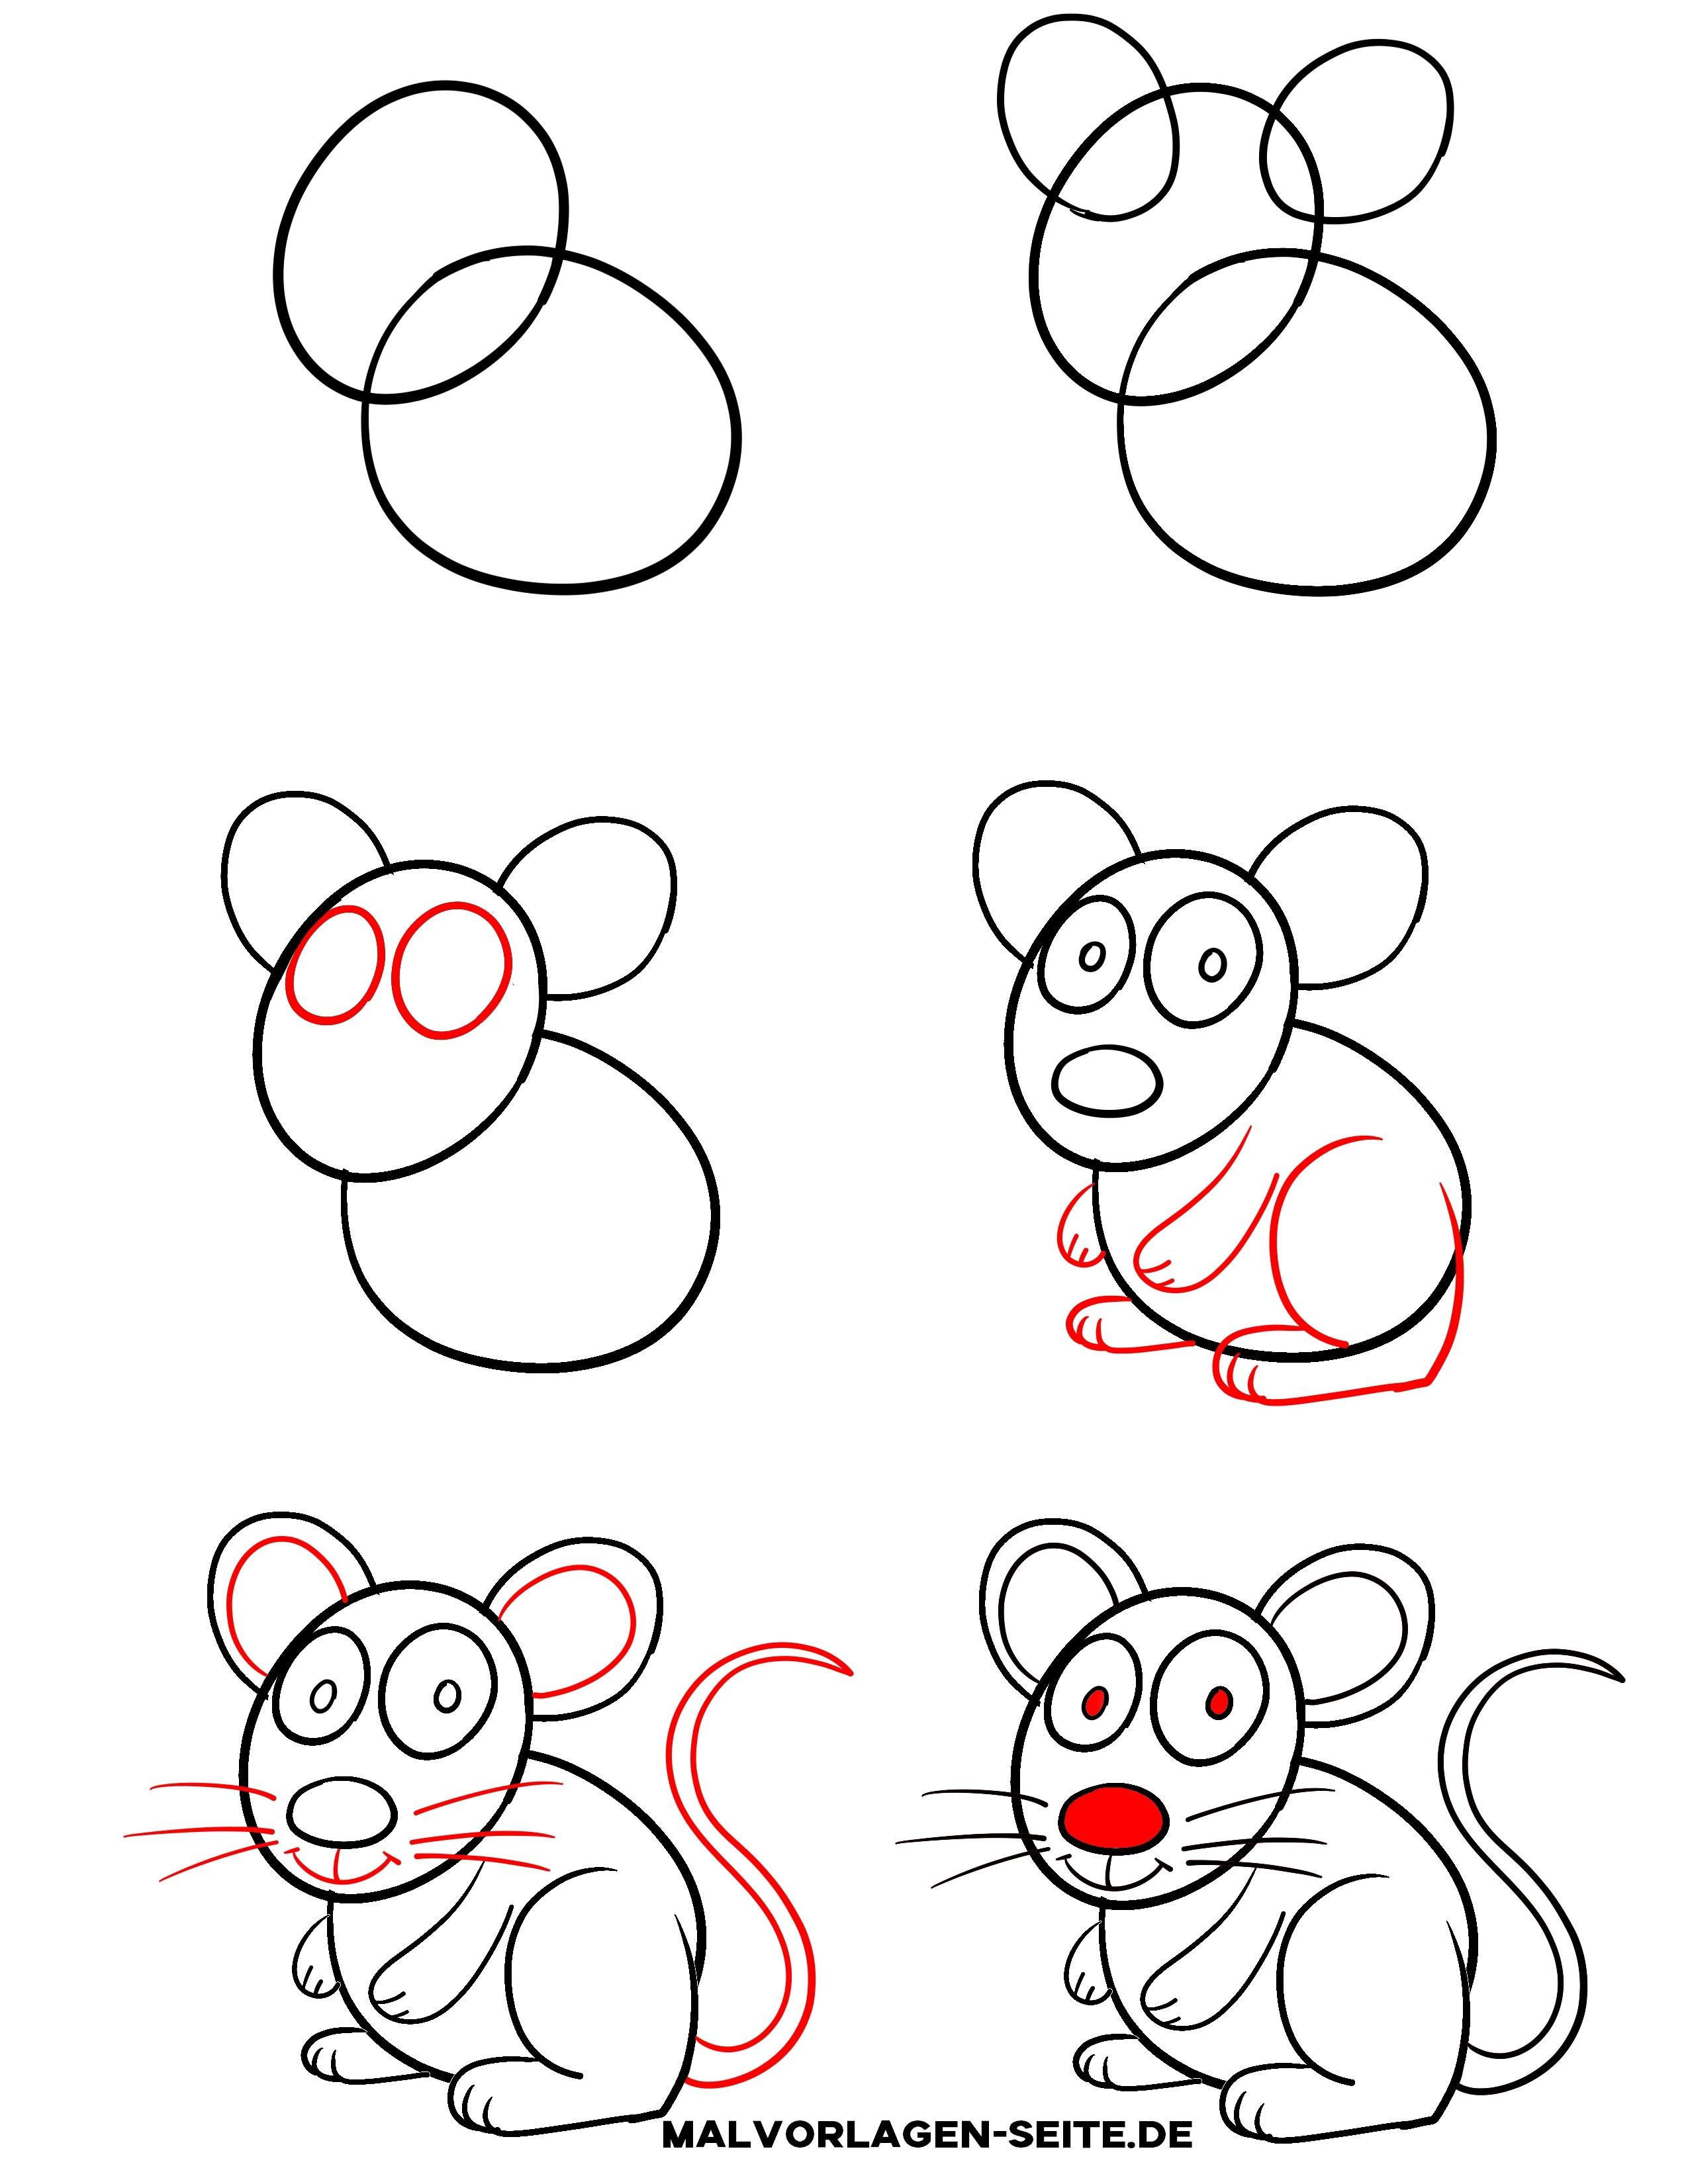 malvorlagen einfache zeichnungen fur kinder